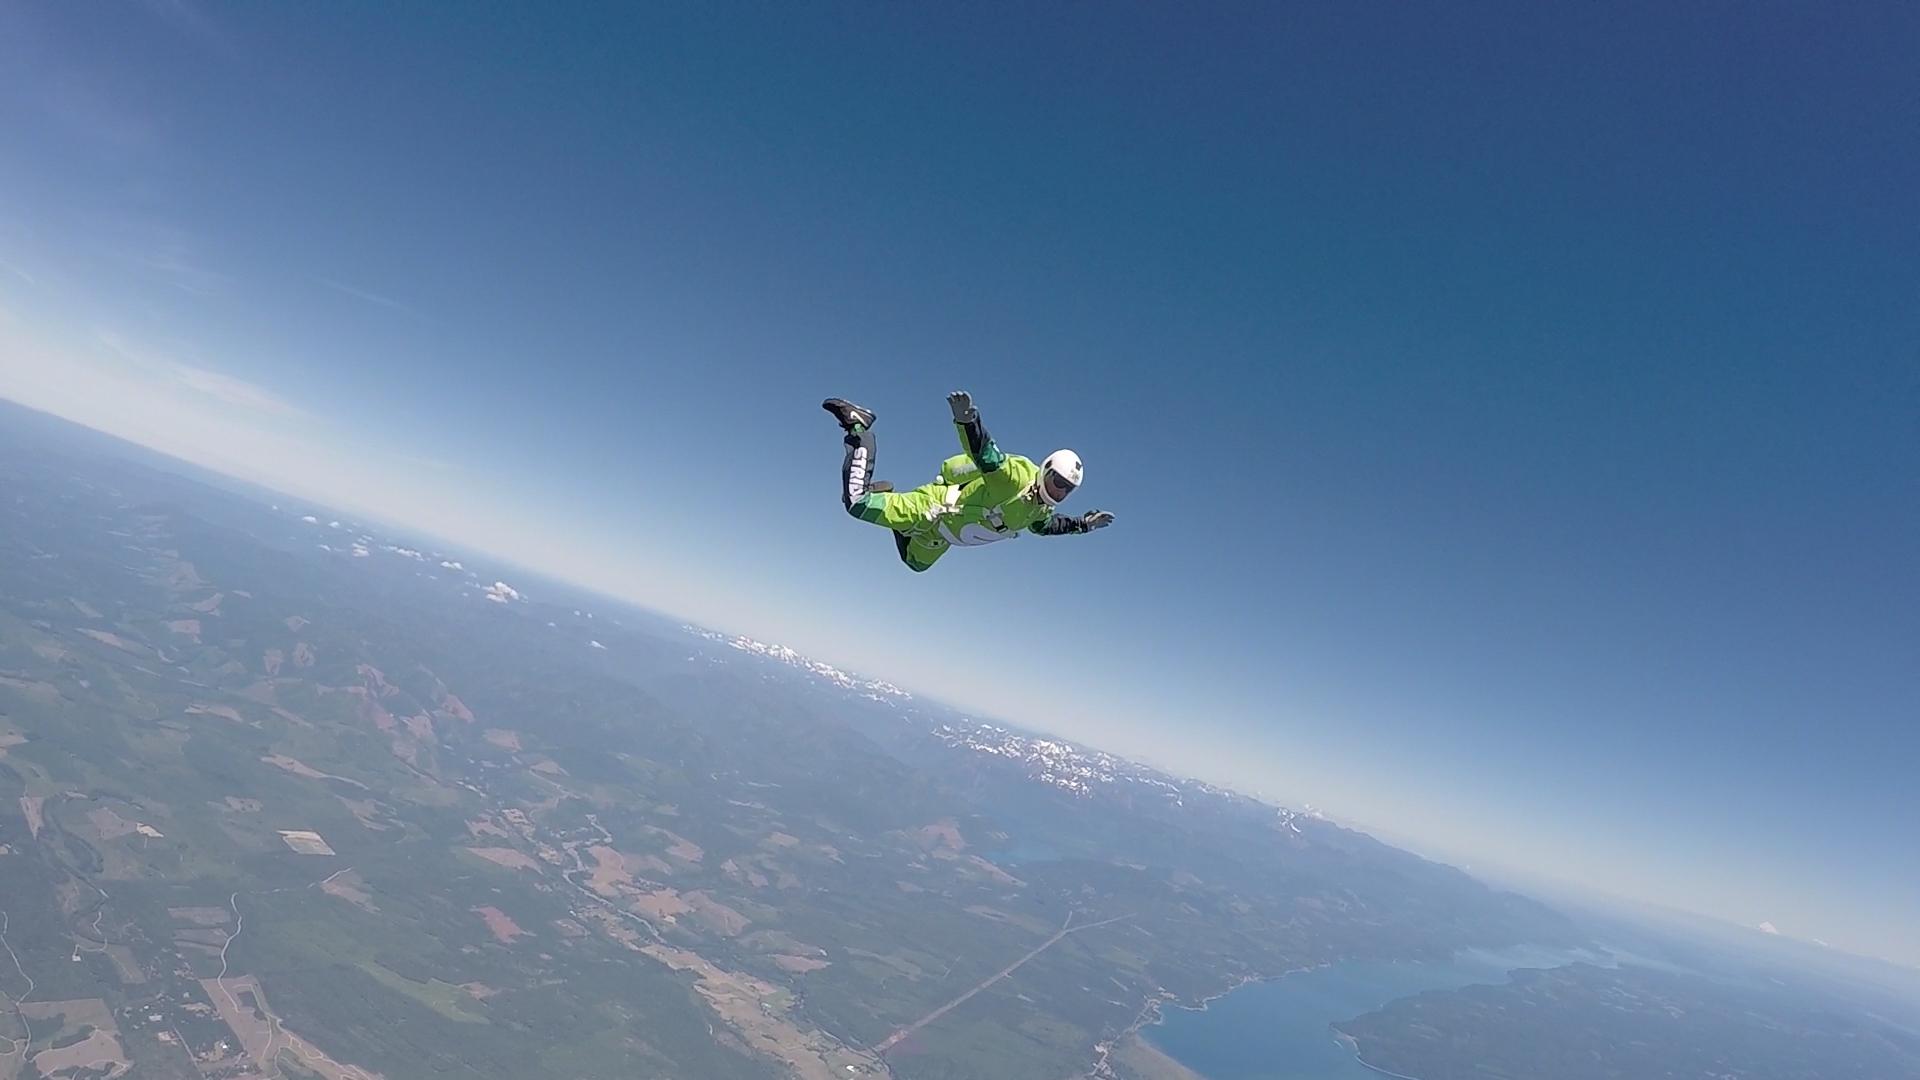 Veteran Skydiver Luke Aikins Makes History By Jumping